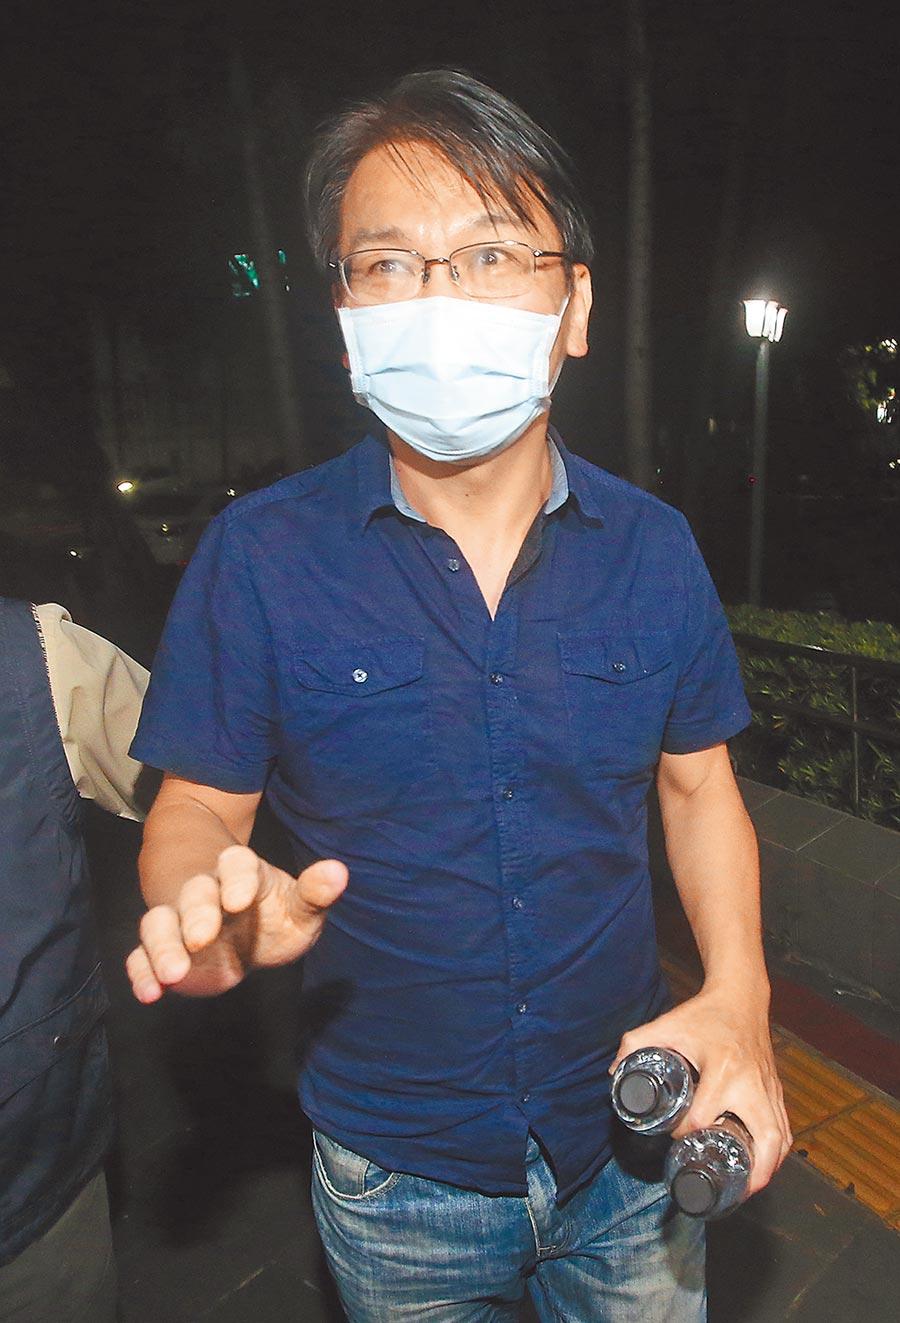 時代力量黨主席徐永明涉嫌收賄遭聲押,台北地院3日開庭到凌晨結束。台北地院決定今天下午公布裁定結果。(本報資料照片)